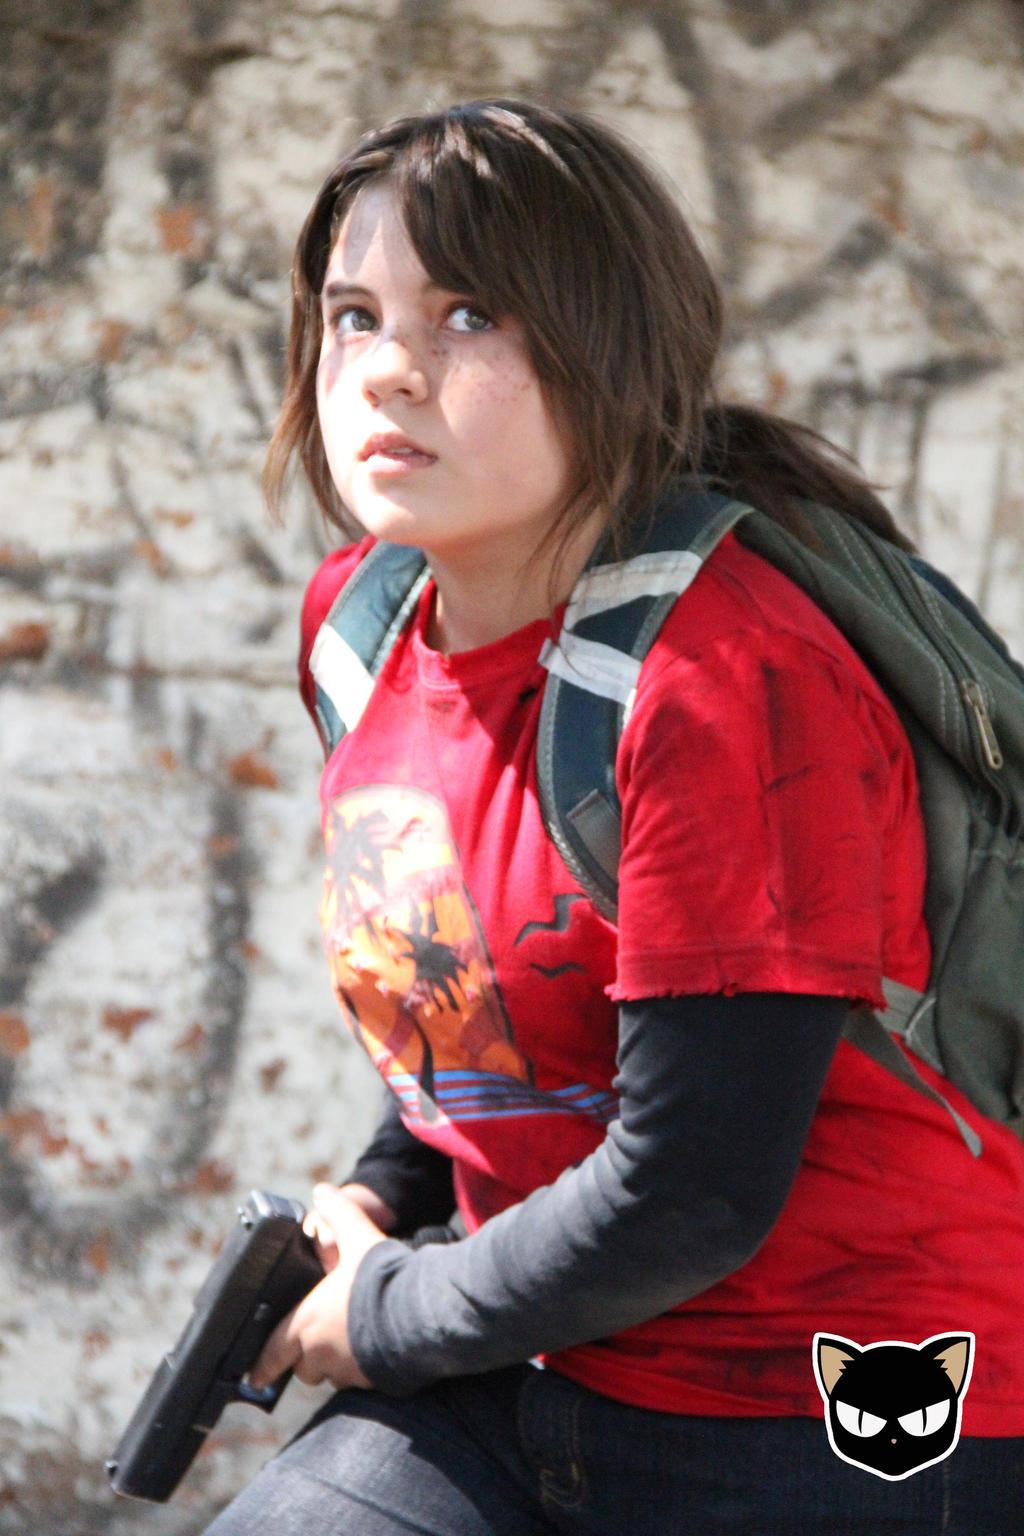 of Ellie us the last cosplay